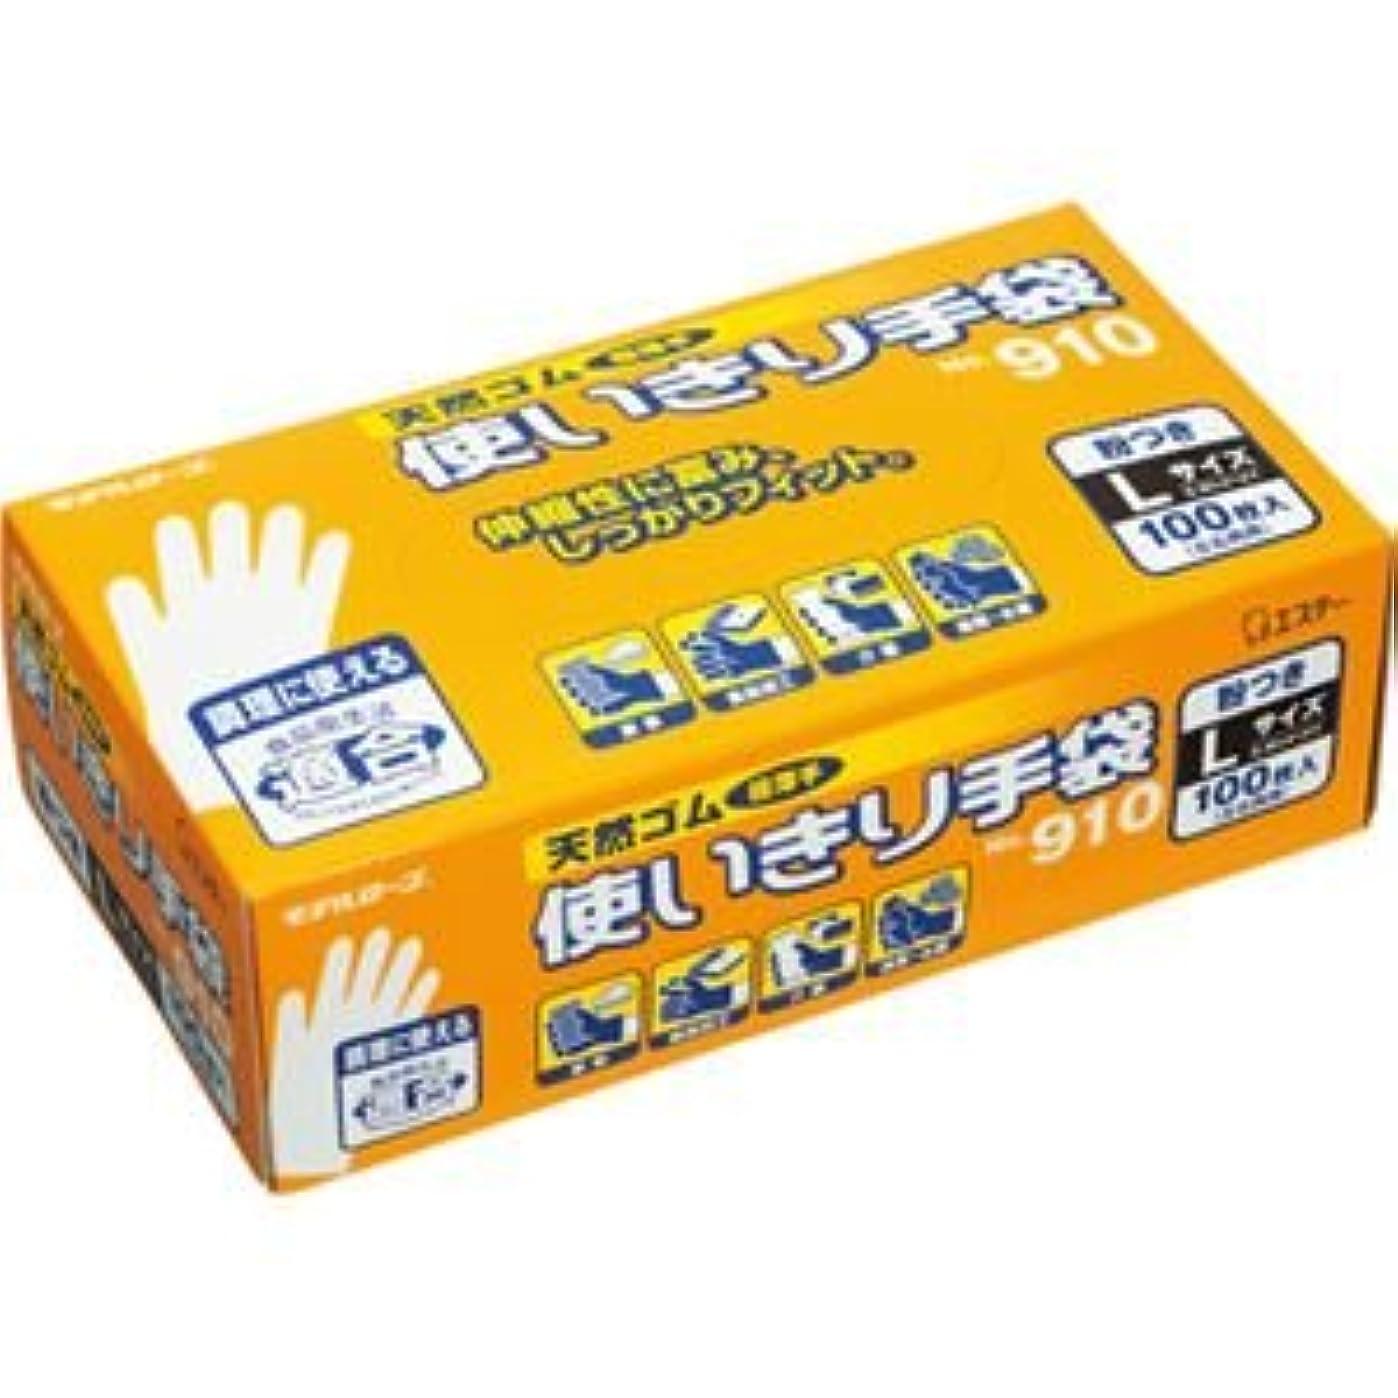 (まとめ) エステー No.910 天然ゴム使いきり手袋(粉付) L 1箱(100枚) 【×5セット】 ds-1580593